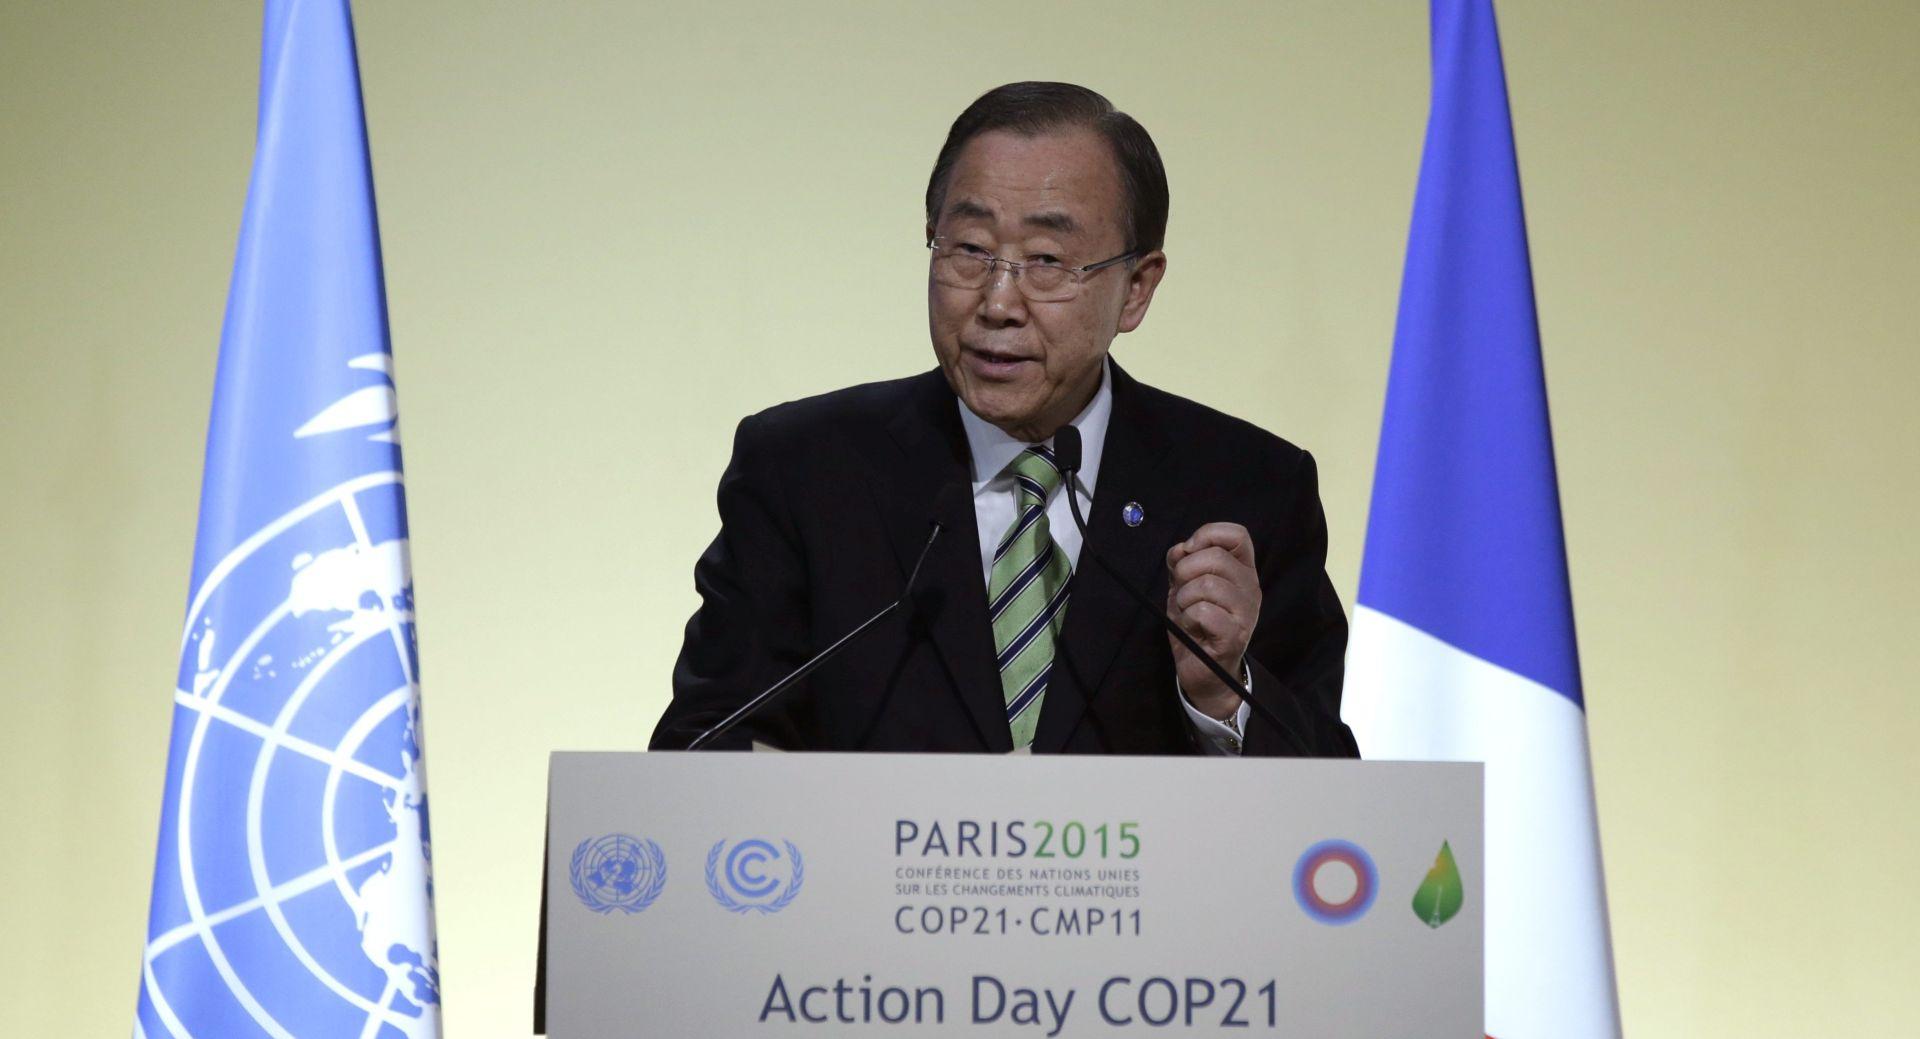 """TRAŽI SPORAZUM O KLIMI I UPOZORAVA Ban Ki-moon: """"Otkucava vrijeme do katastrofe"""""""